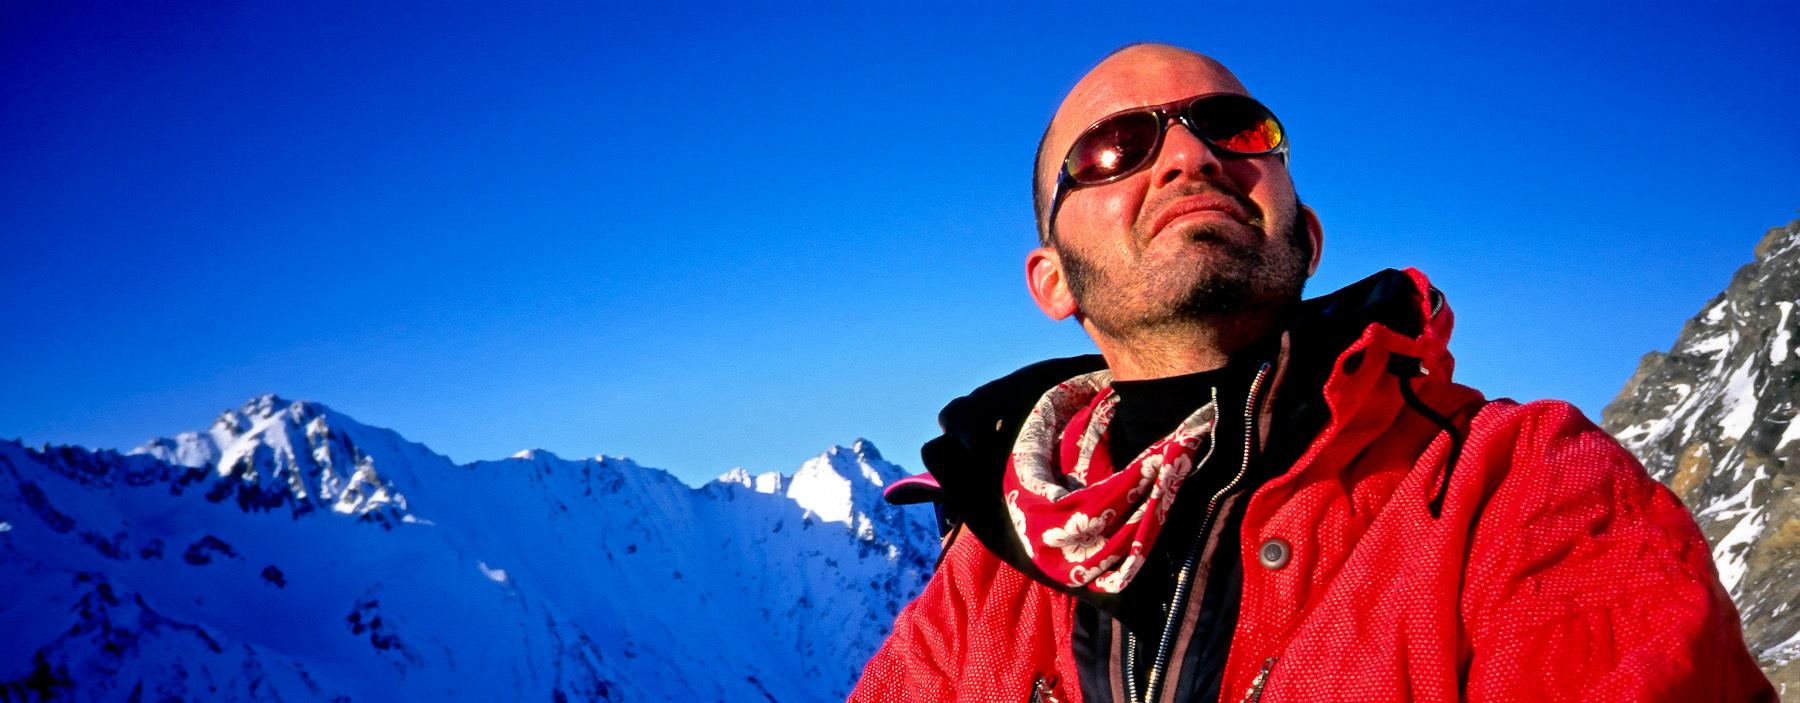 Gotthardin Thylmann, designer for Bogner, SKI Magazine